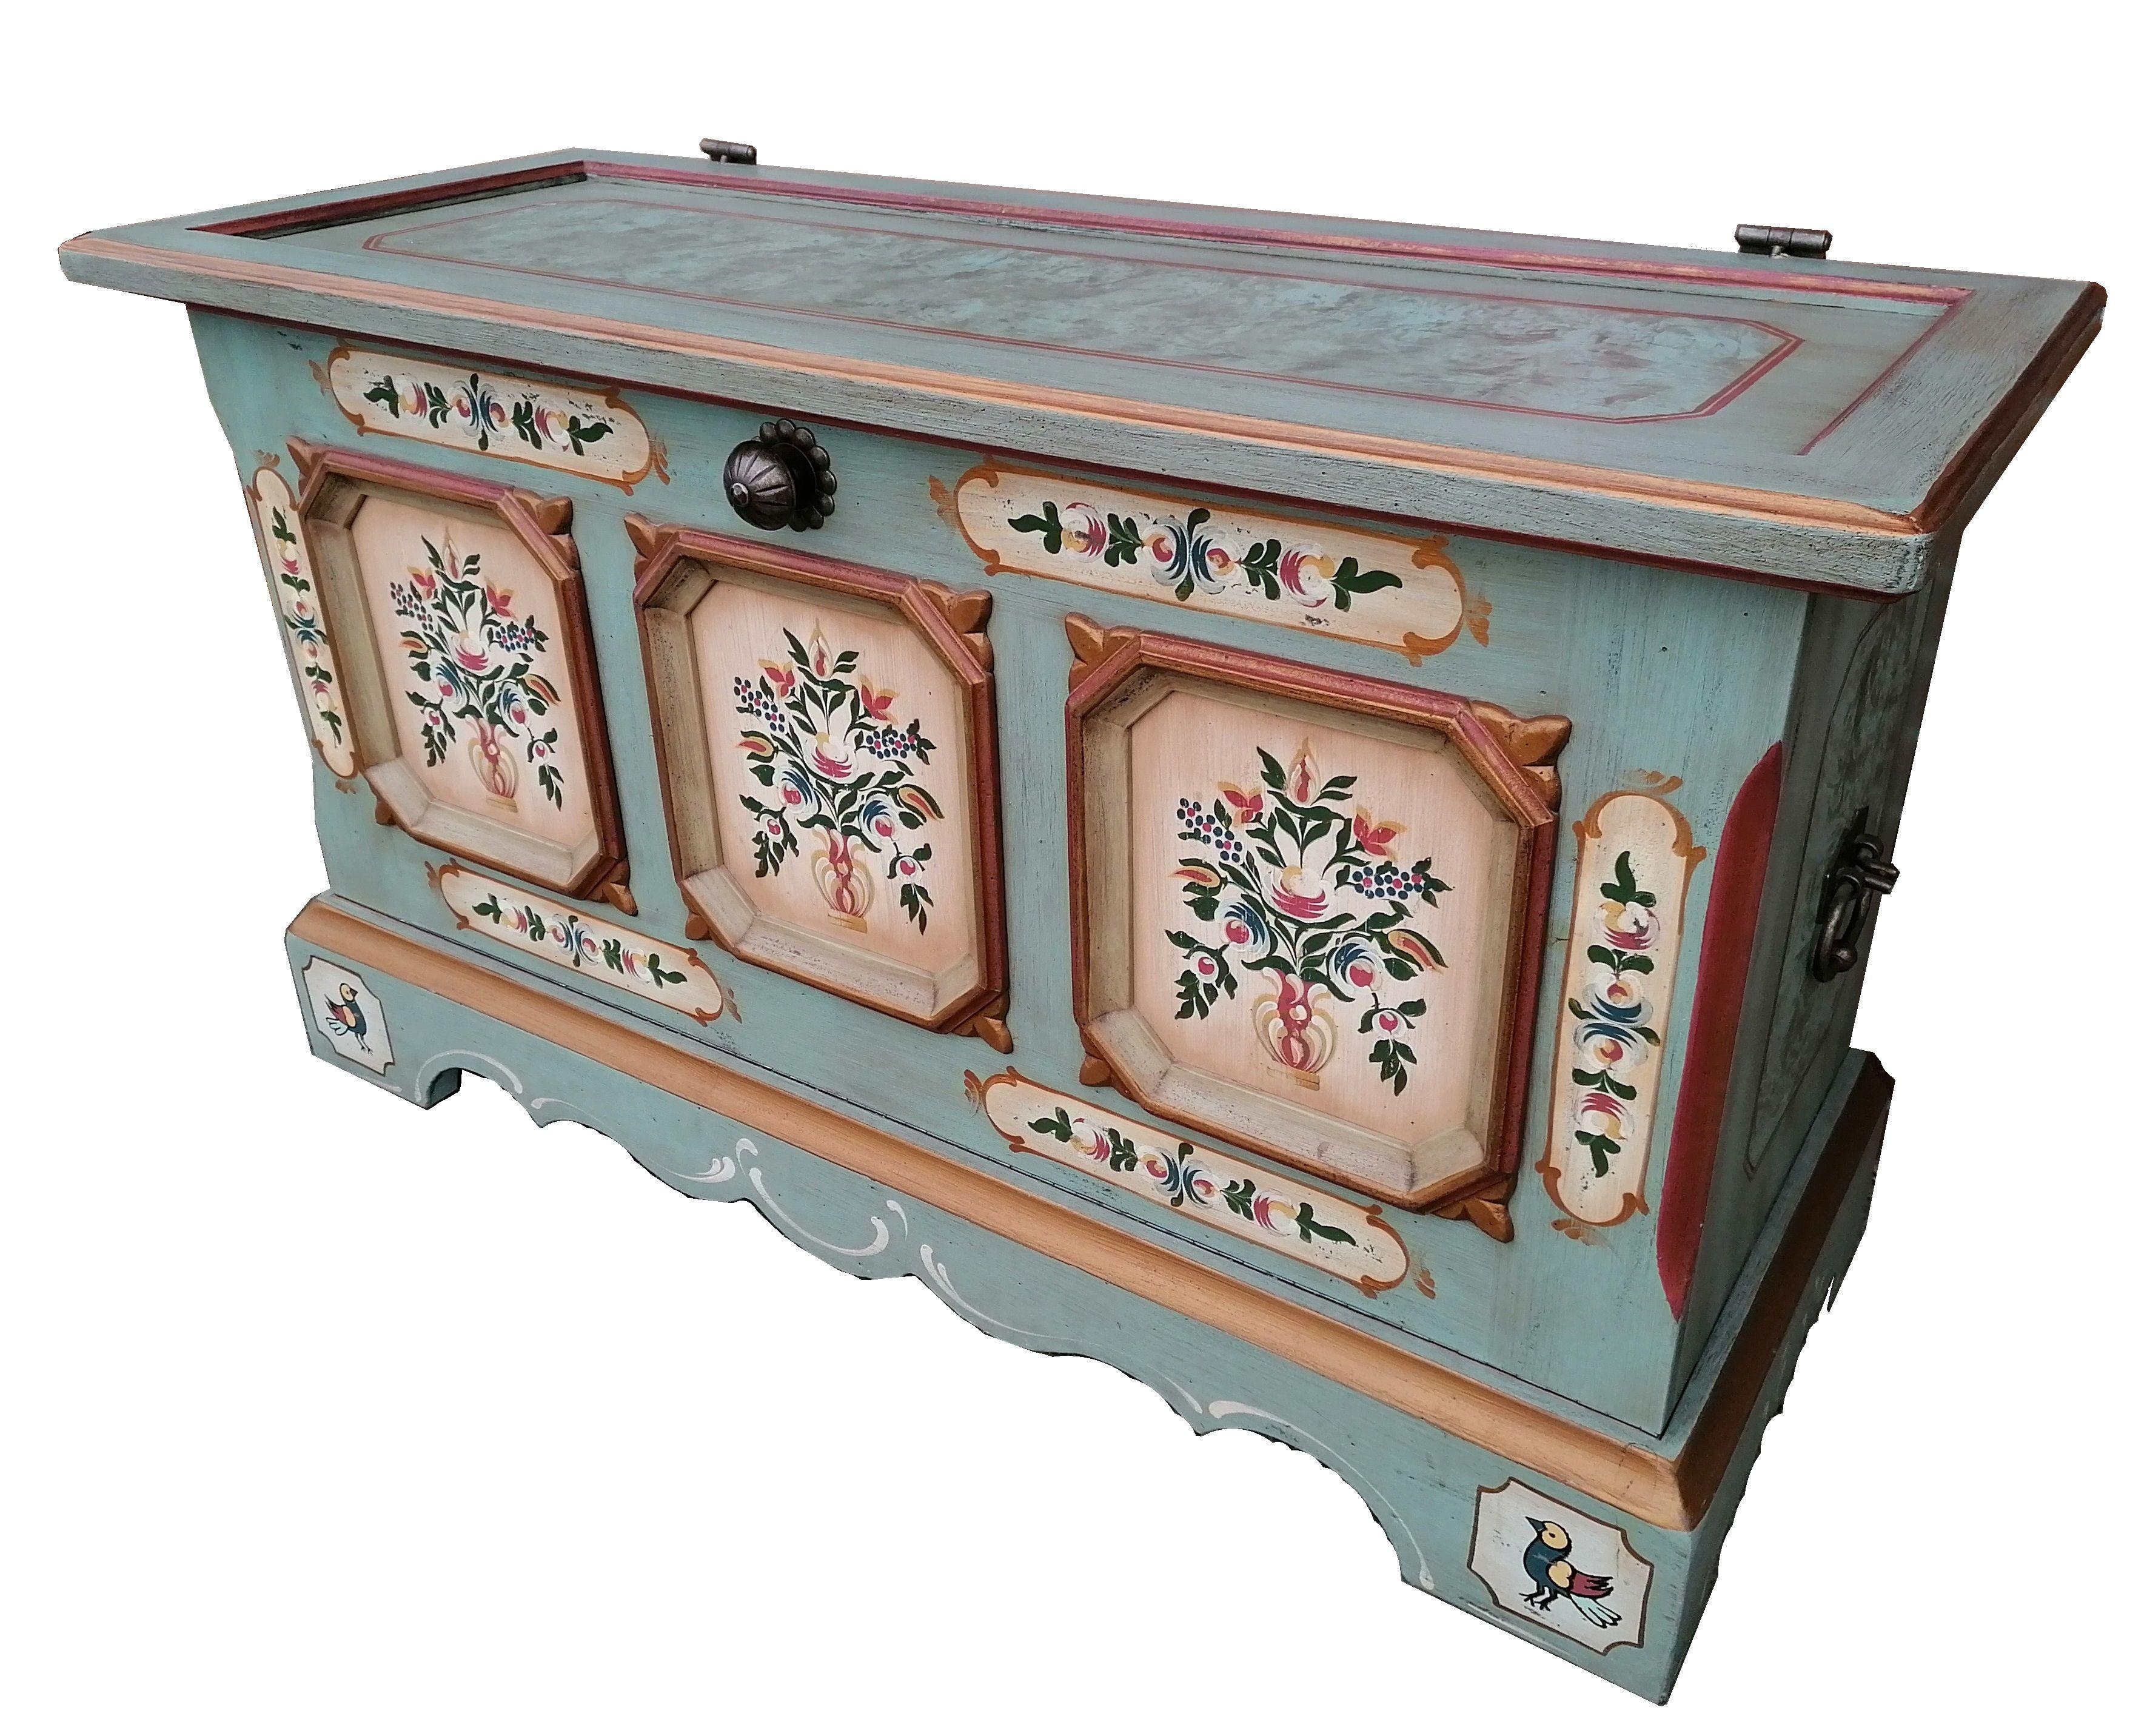 Voglauer Anno 1700 Altblau Truhe Bauerntruhe Truhe Kiste